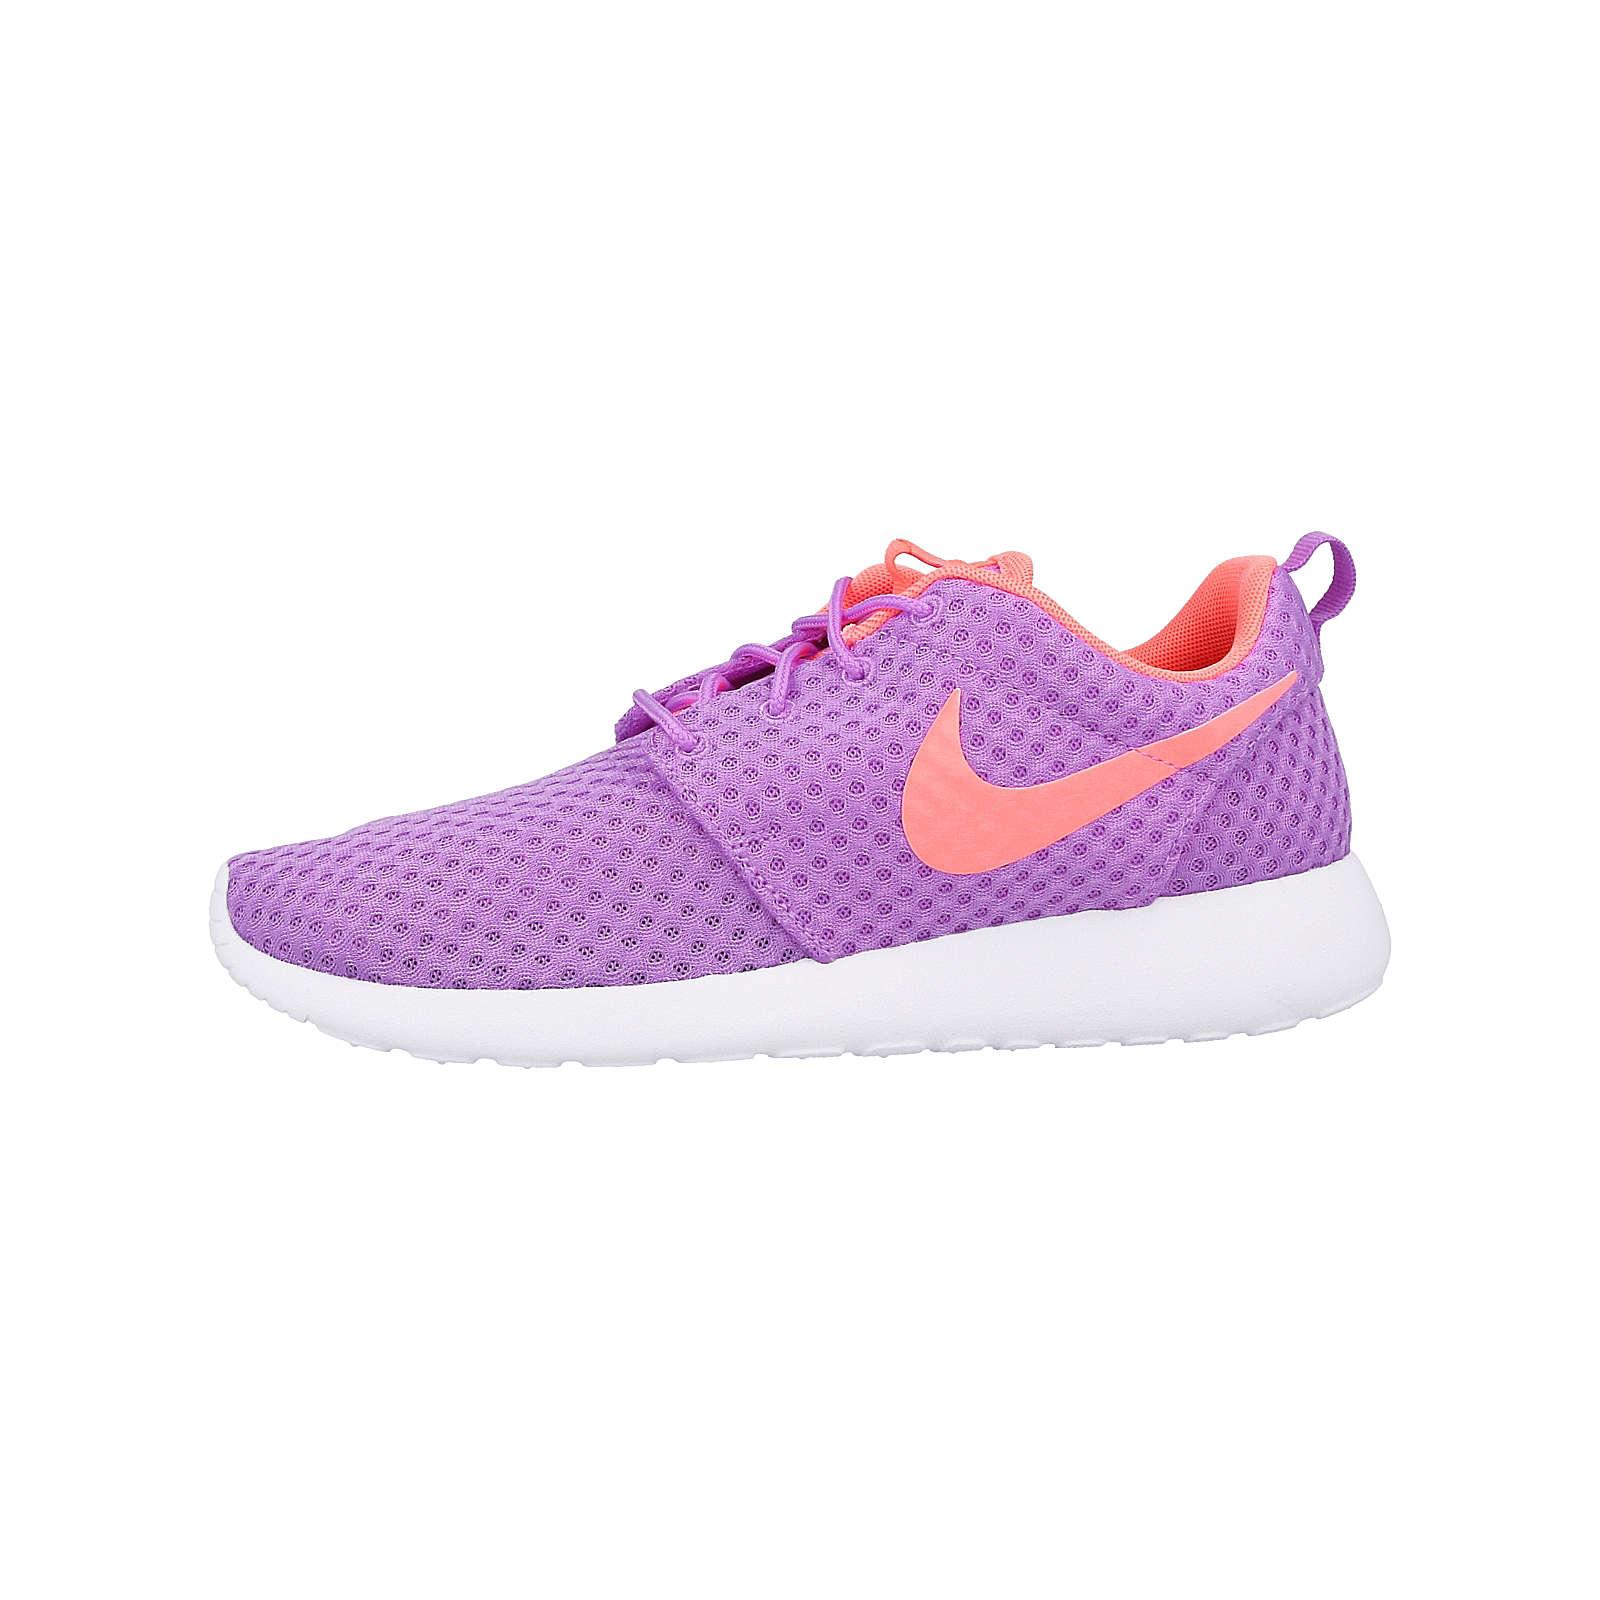 Nike Sportswear Roshe One Breeze Sneakers Low lila Damen Gr. 38